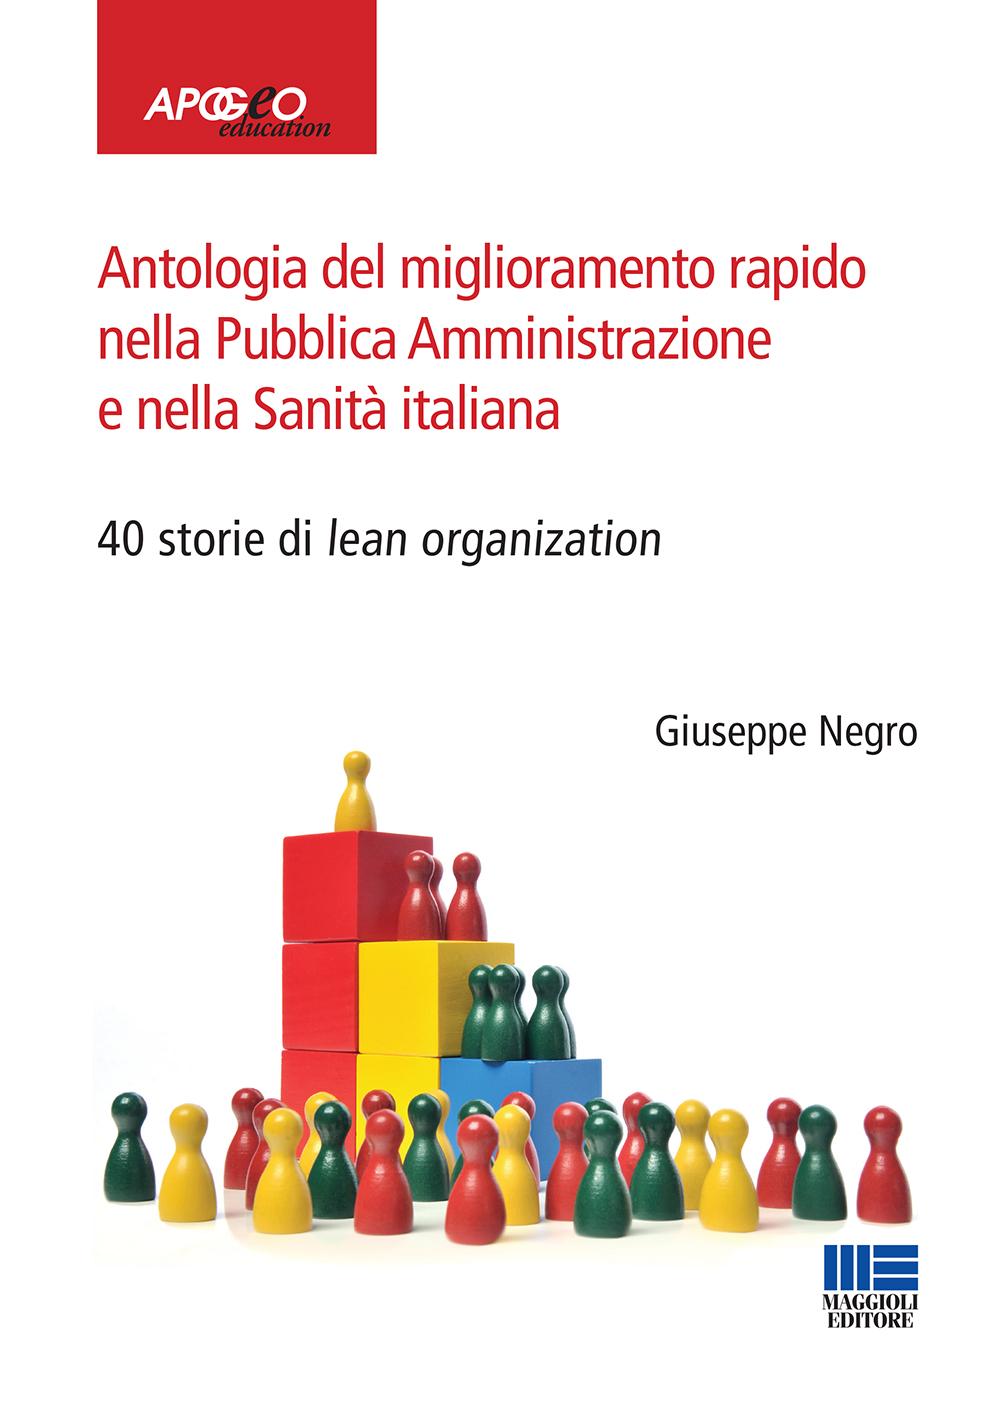 Antologia del miglioramento rapido nella Pubblica Amministrazione e nella Sanit� italiana